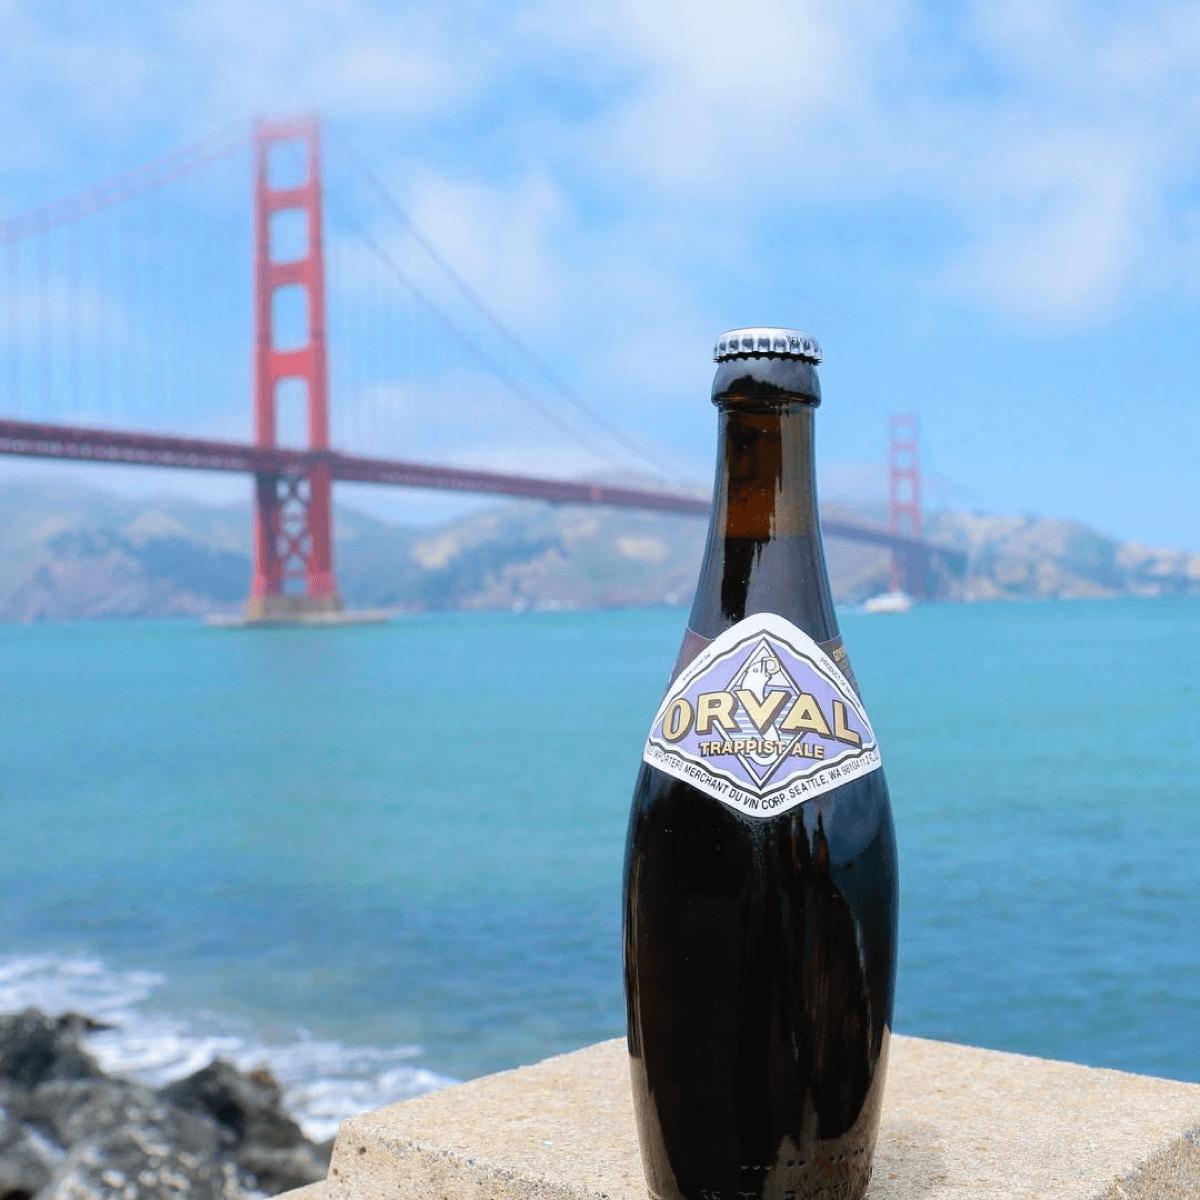 Aujourd'hui, la bière Orval est célèbre dans le monde entier, et rivalise avec les plus grandes bières